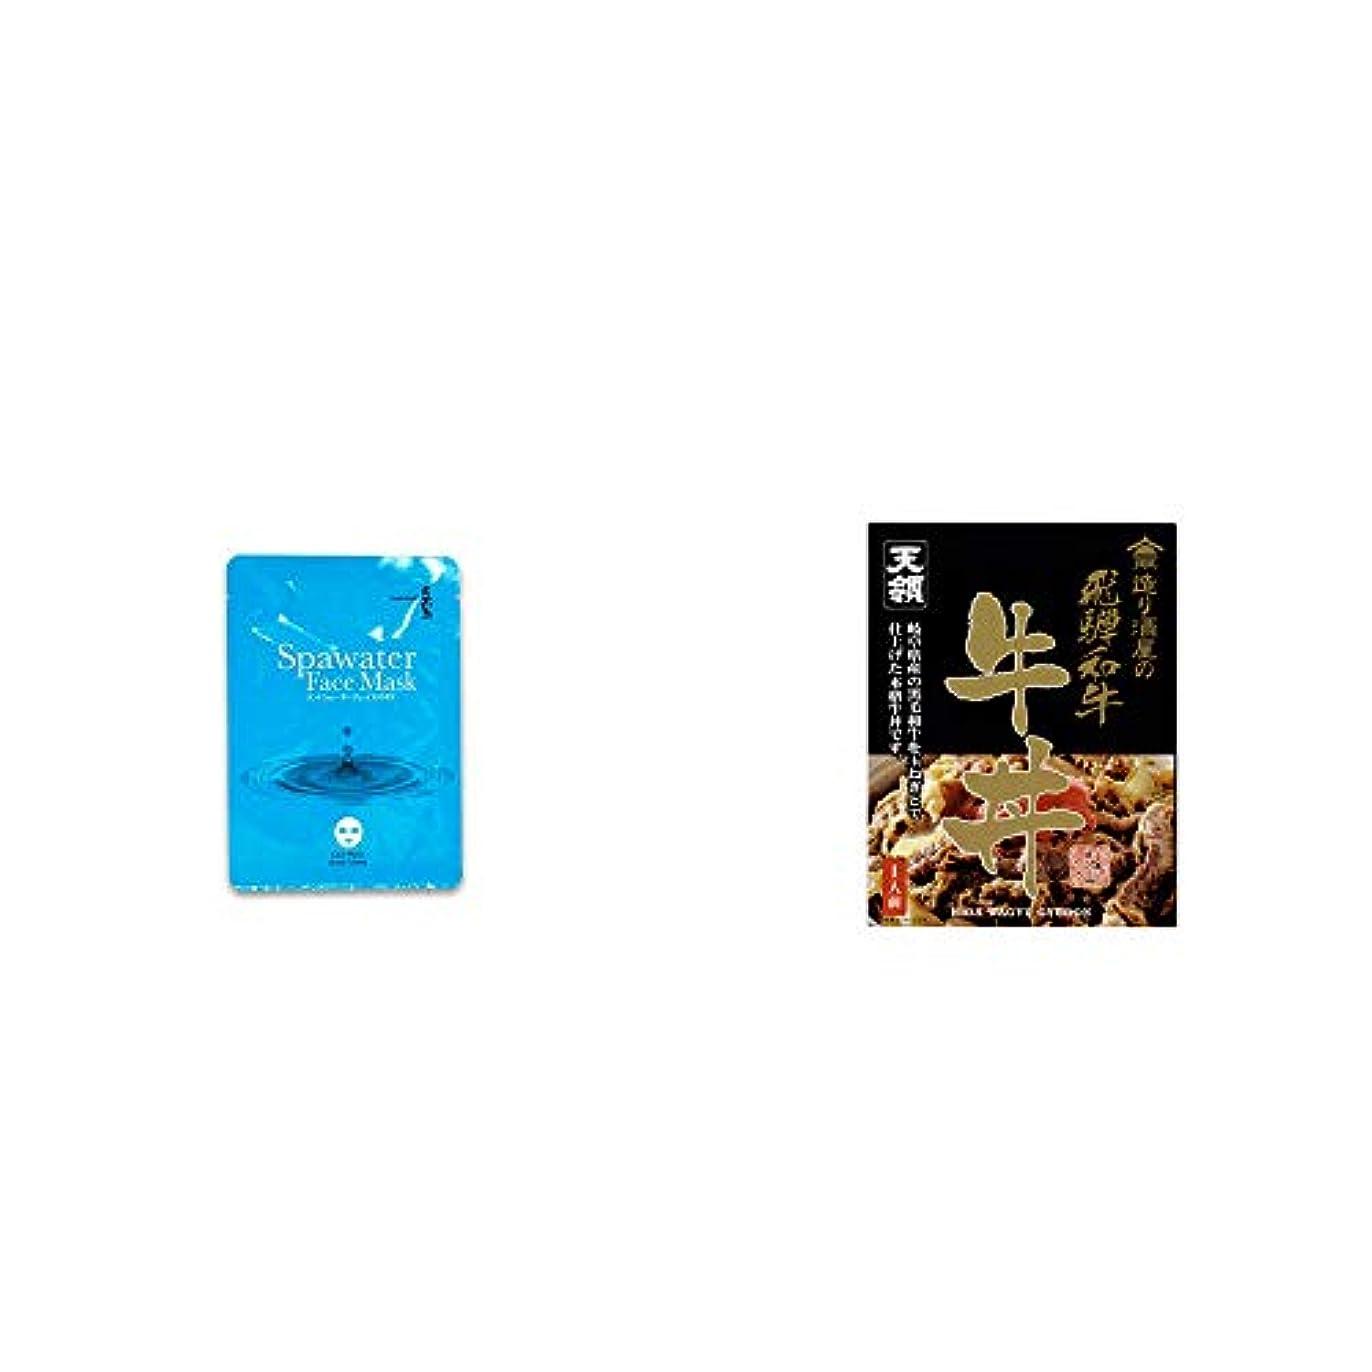 白鳥に東方[2点セット] ひのき炭黒泉 スパウォーターフェイスマスク(18ml×3枚入)?天領酒造 造り酒屋の飛騨和牛 牛丼(1人前)